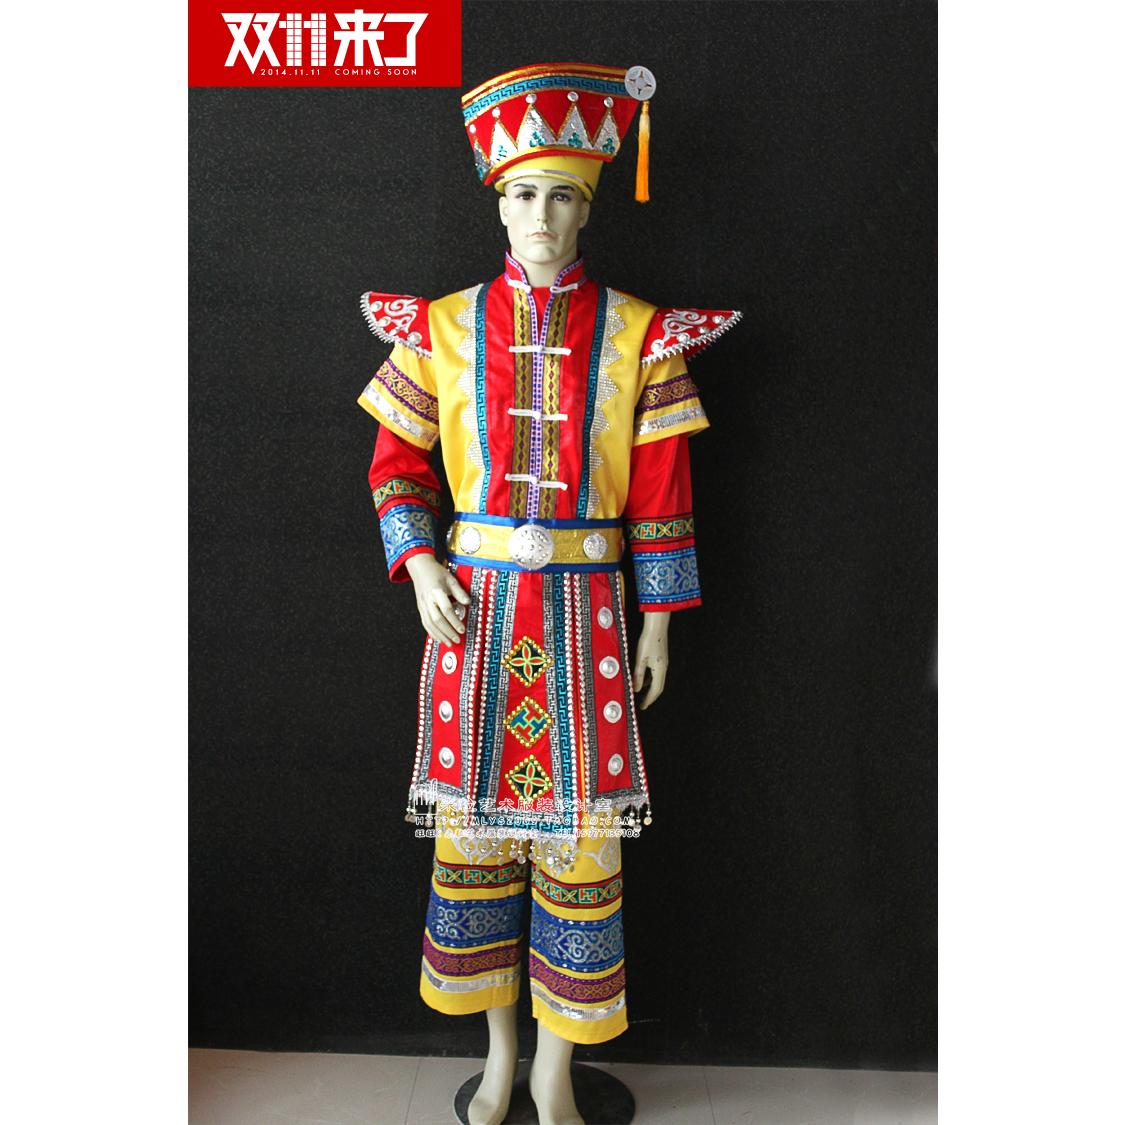 chinesische männer kennenlernen Würselen